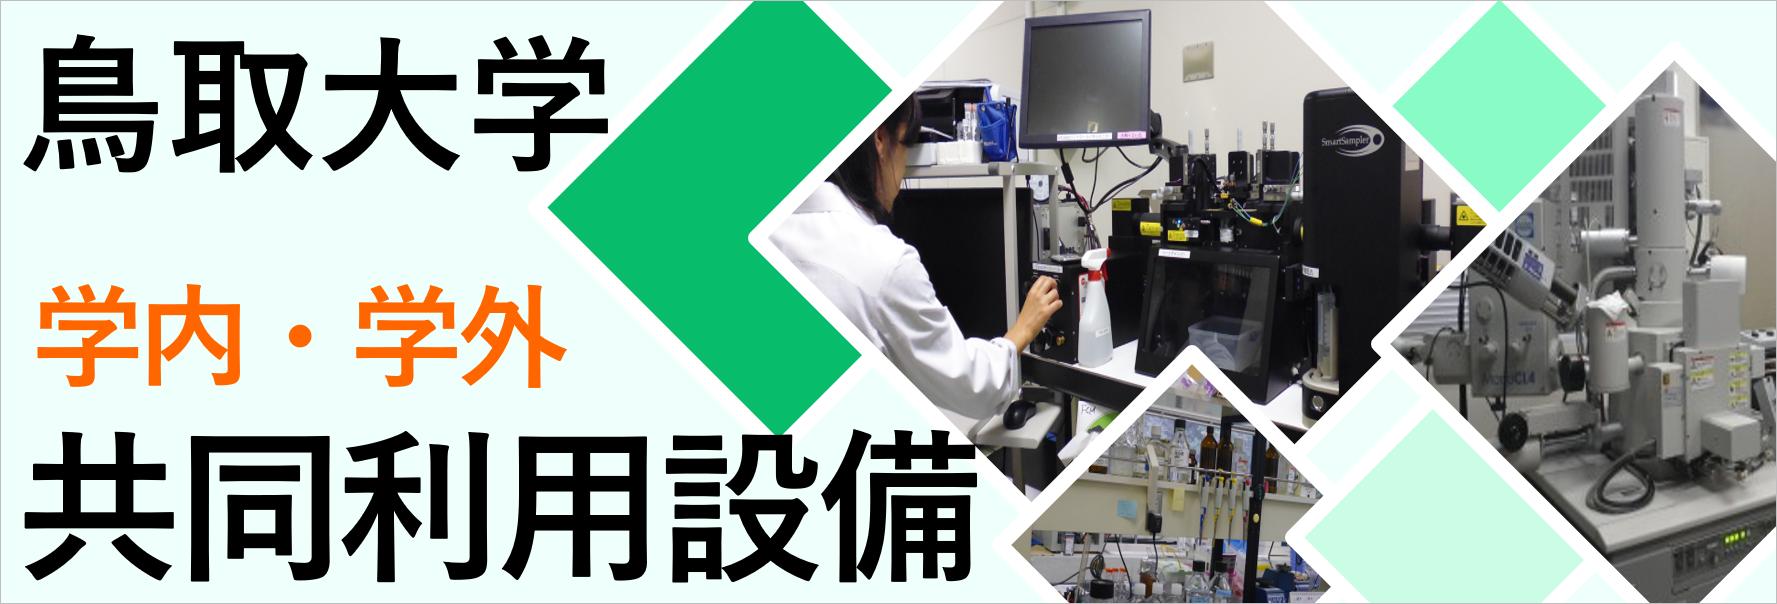 鳥取大学共同利用設備